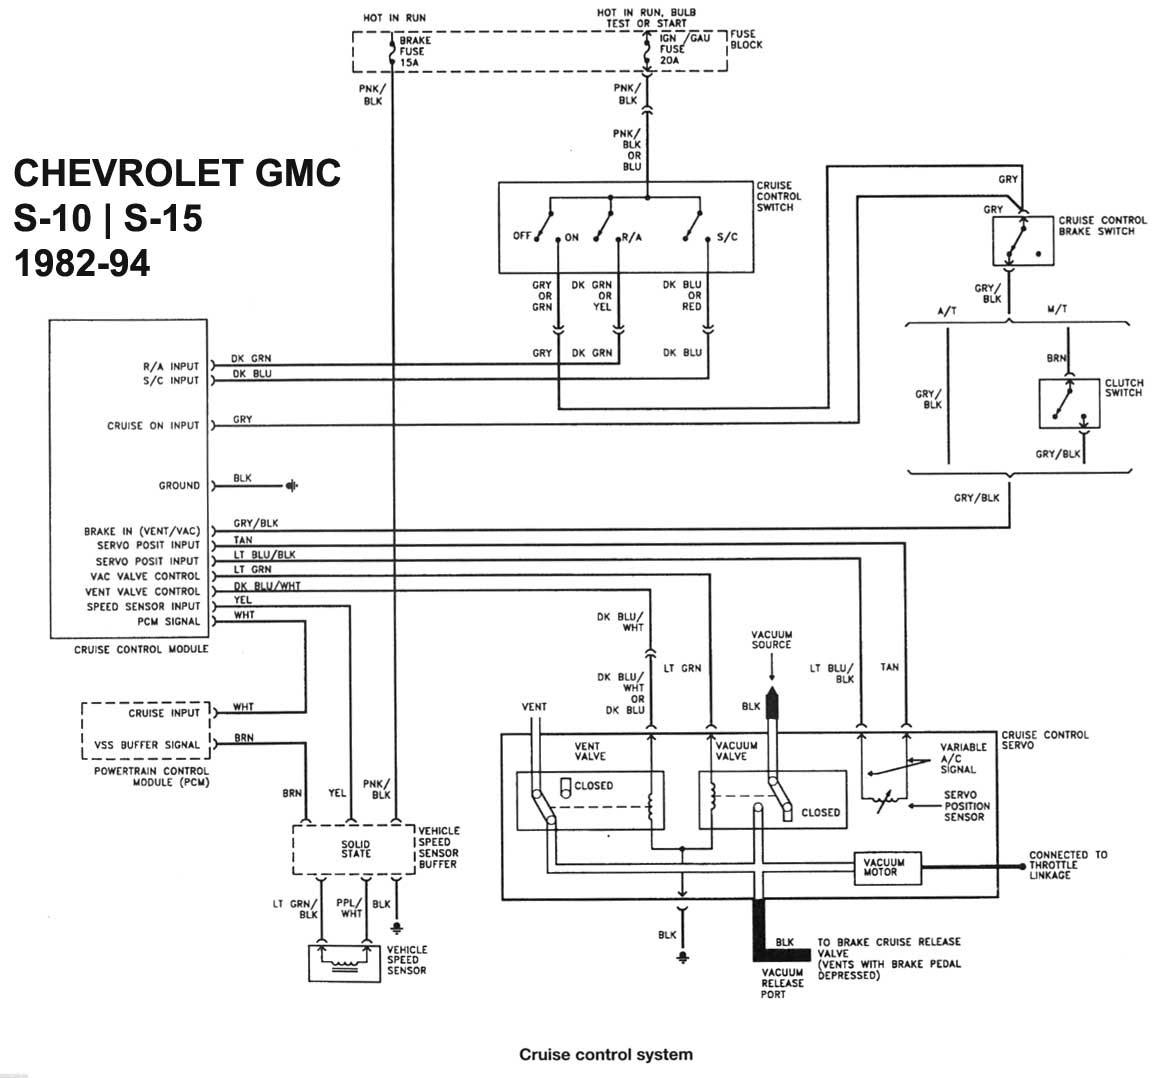 Diagram 1991 Chevy S 1pickup Blazer Wiring Diagram Manual Original Full Version Hd Quality Manual Original Tubematevideodownloaders Granville Natation Fr